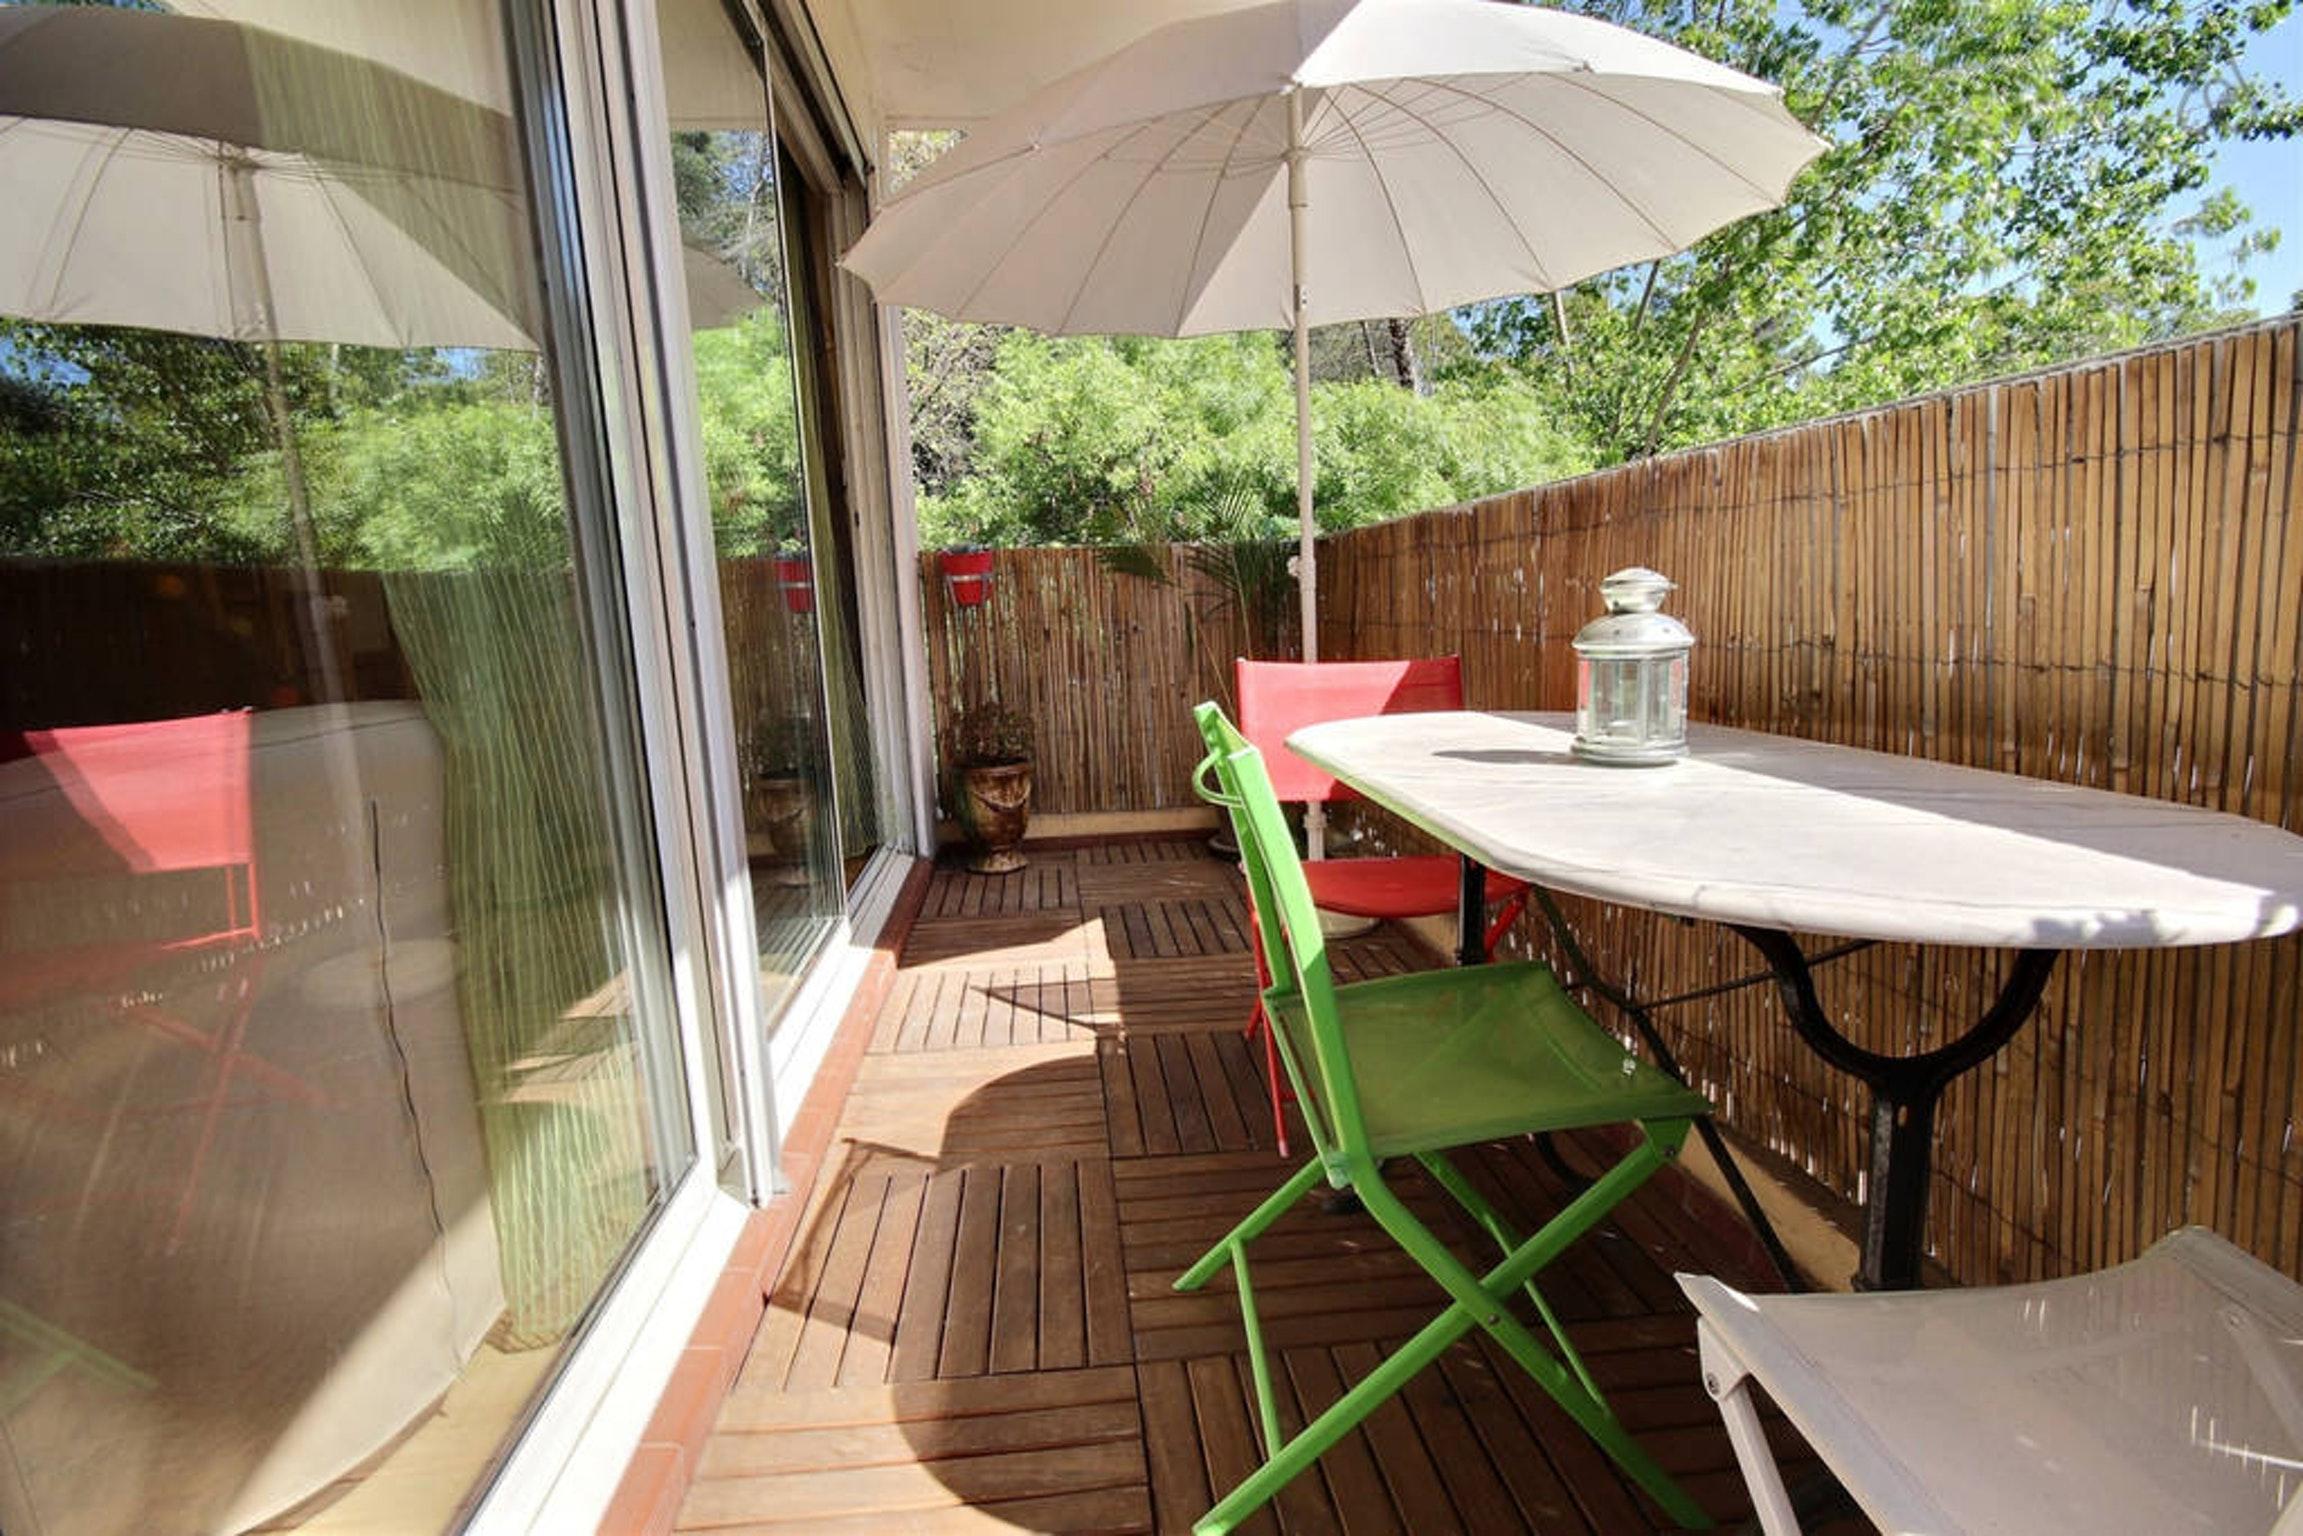 Ferienwohnung Wohnung mit 2 Zimmern in Montpellier mit möblierter Terrasse und W-LAN - 15 km vom Strand  (2351209), Montpellier, Mittelmeerküste Hérault, Languedoc-Roussillon, Frankreich, Bild 1